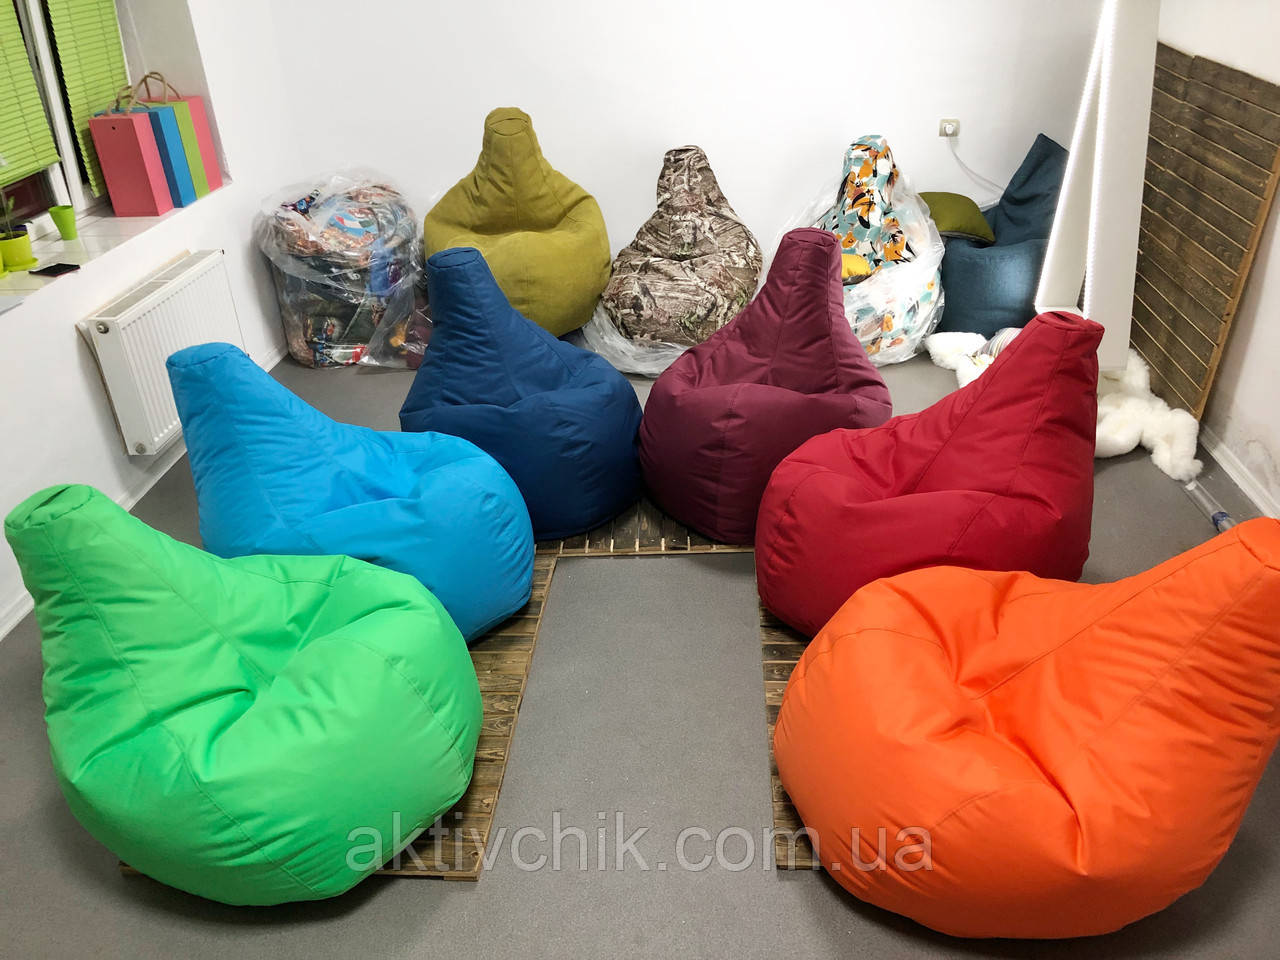 Кресло груша L (150*110см) Гигант, Оксфорд, Оранжевый